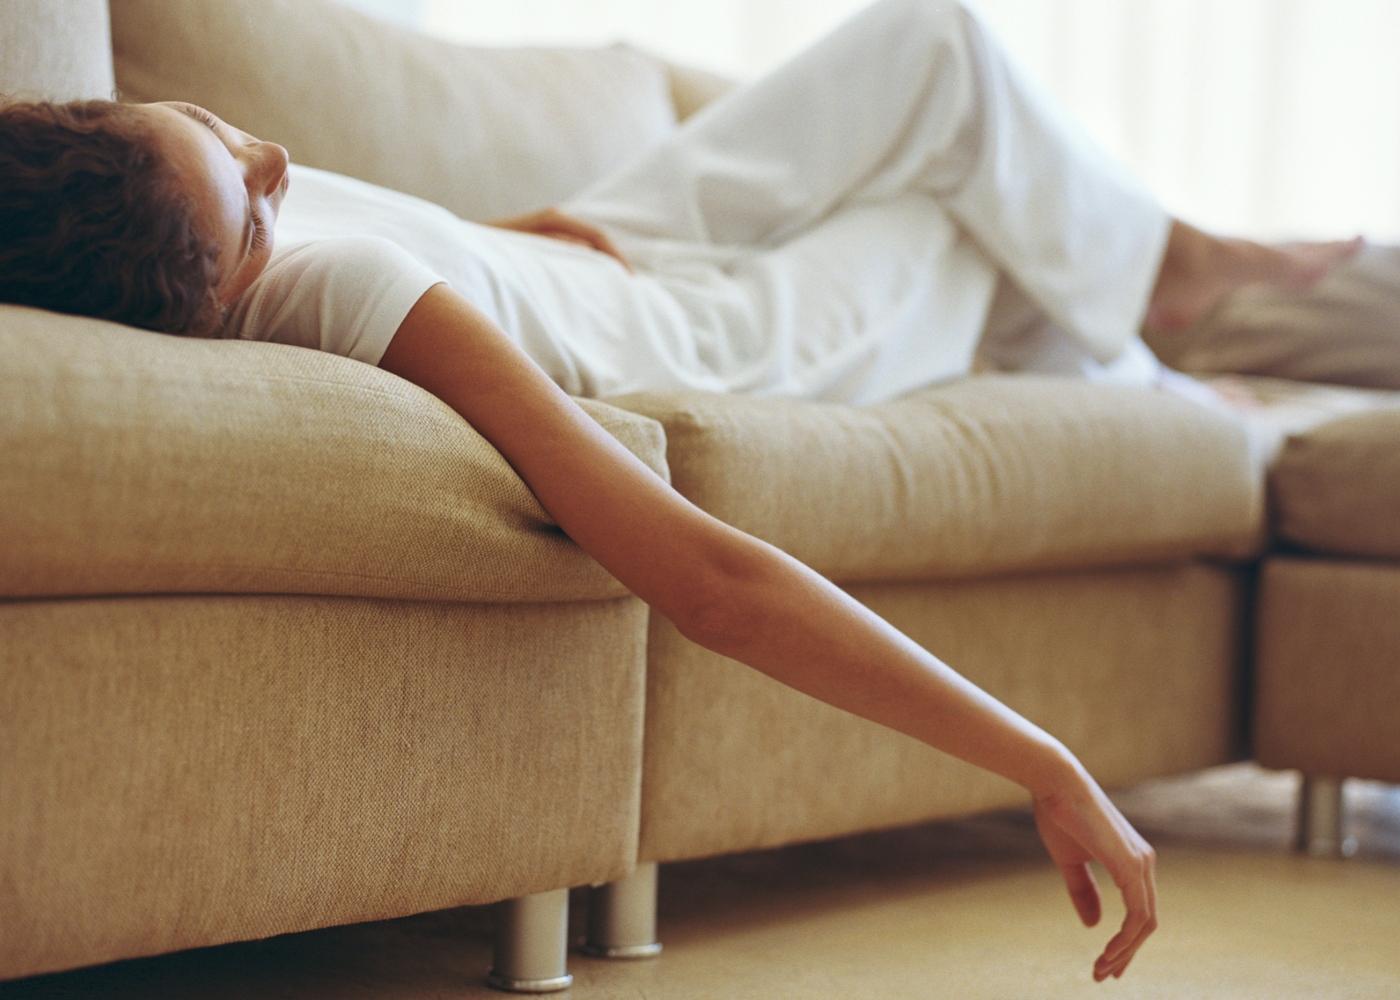 Pensamentos negativos: mulher deitada no sofá